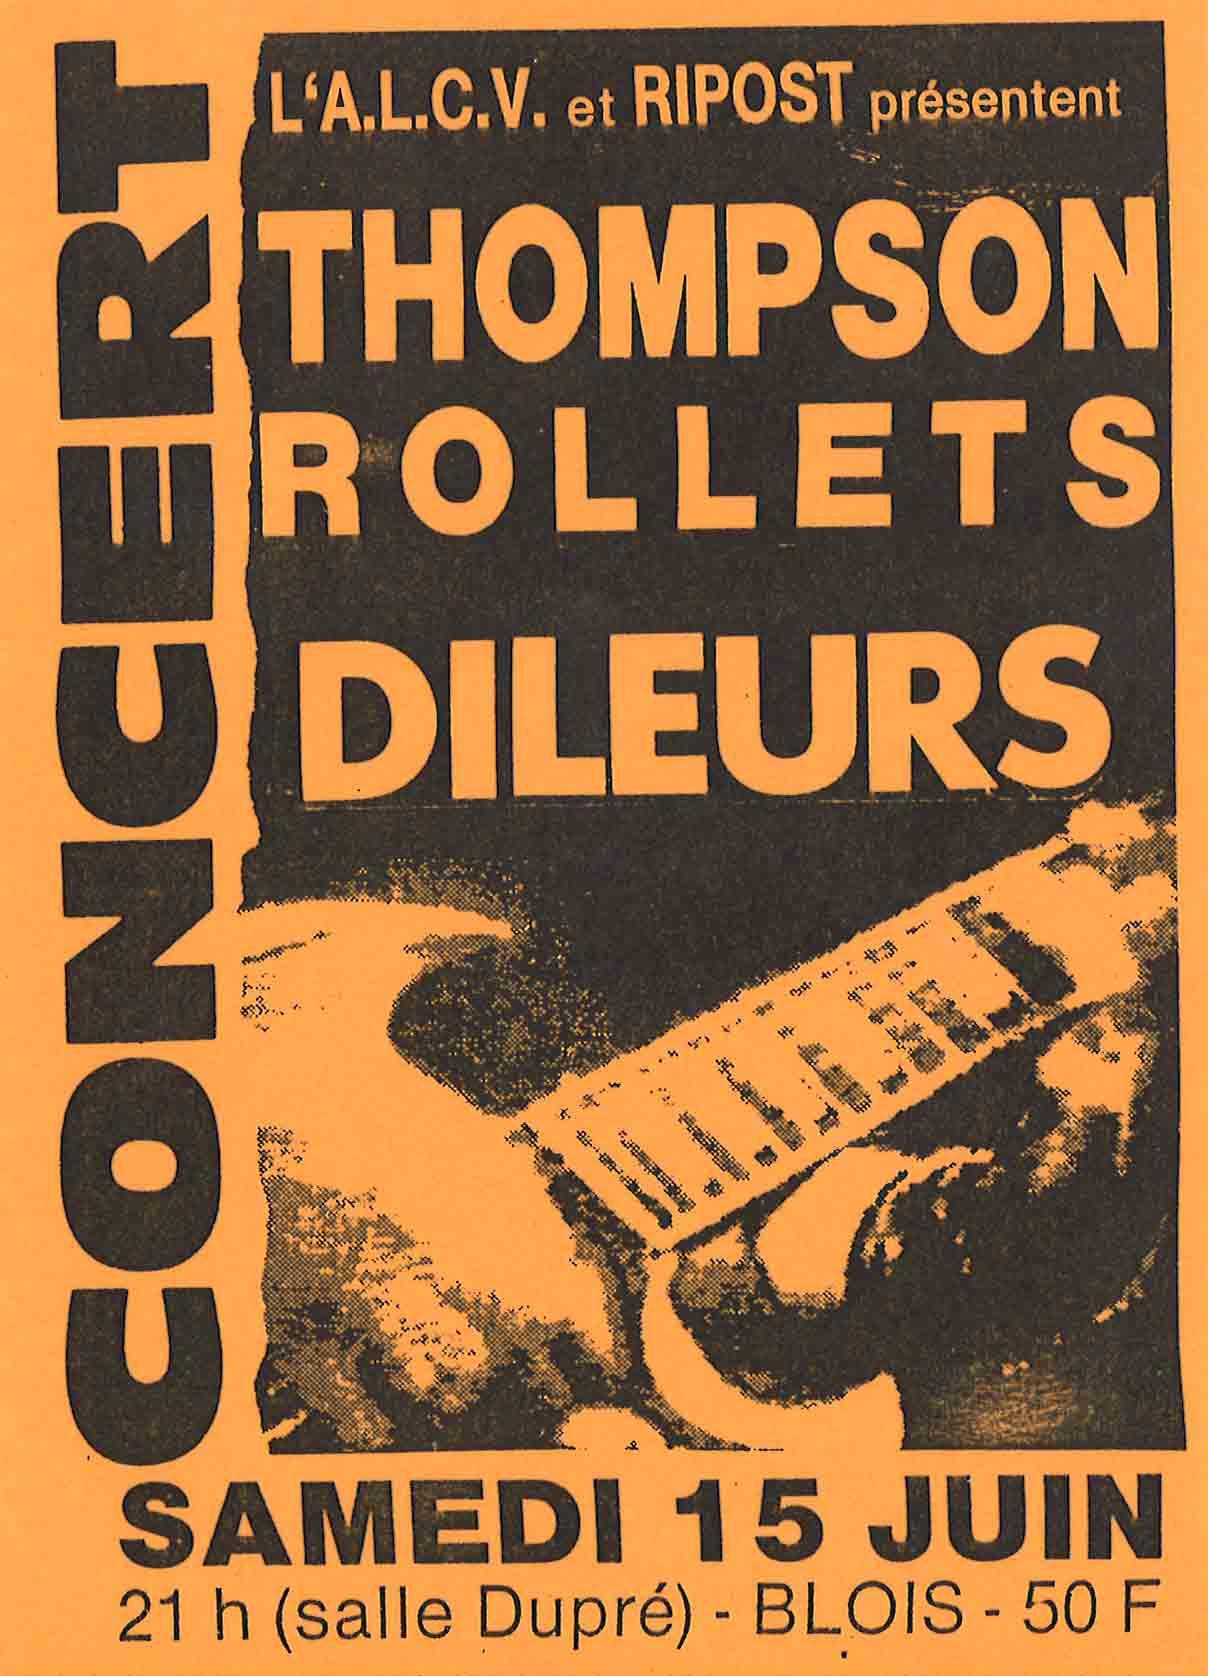 """15 juin 1991 Les Dileurs, Thompson Rollets à Vienne """"Salle Dupré"""""""